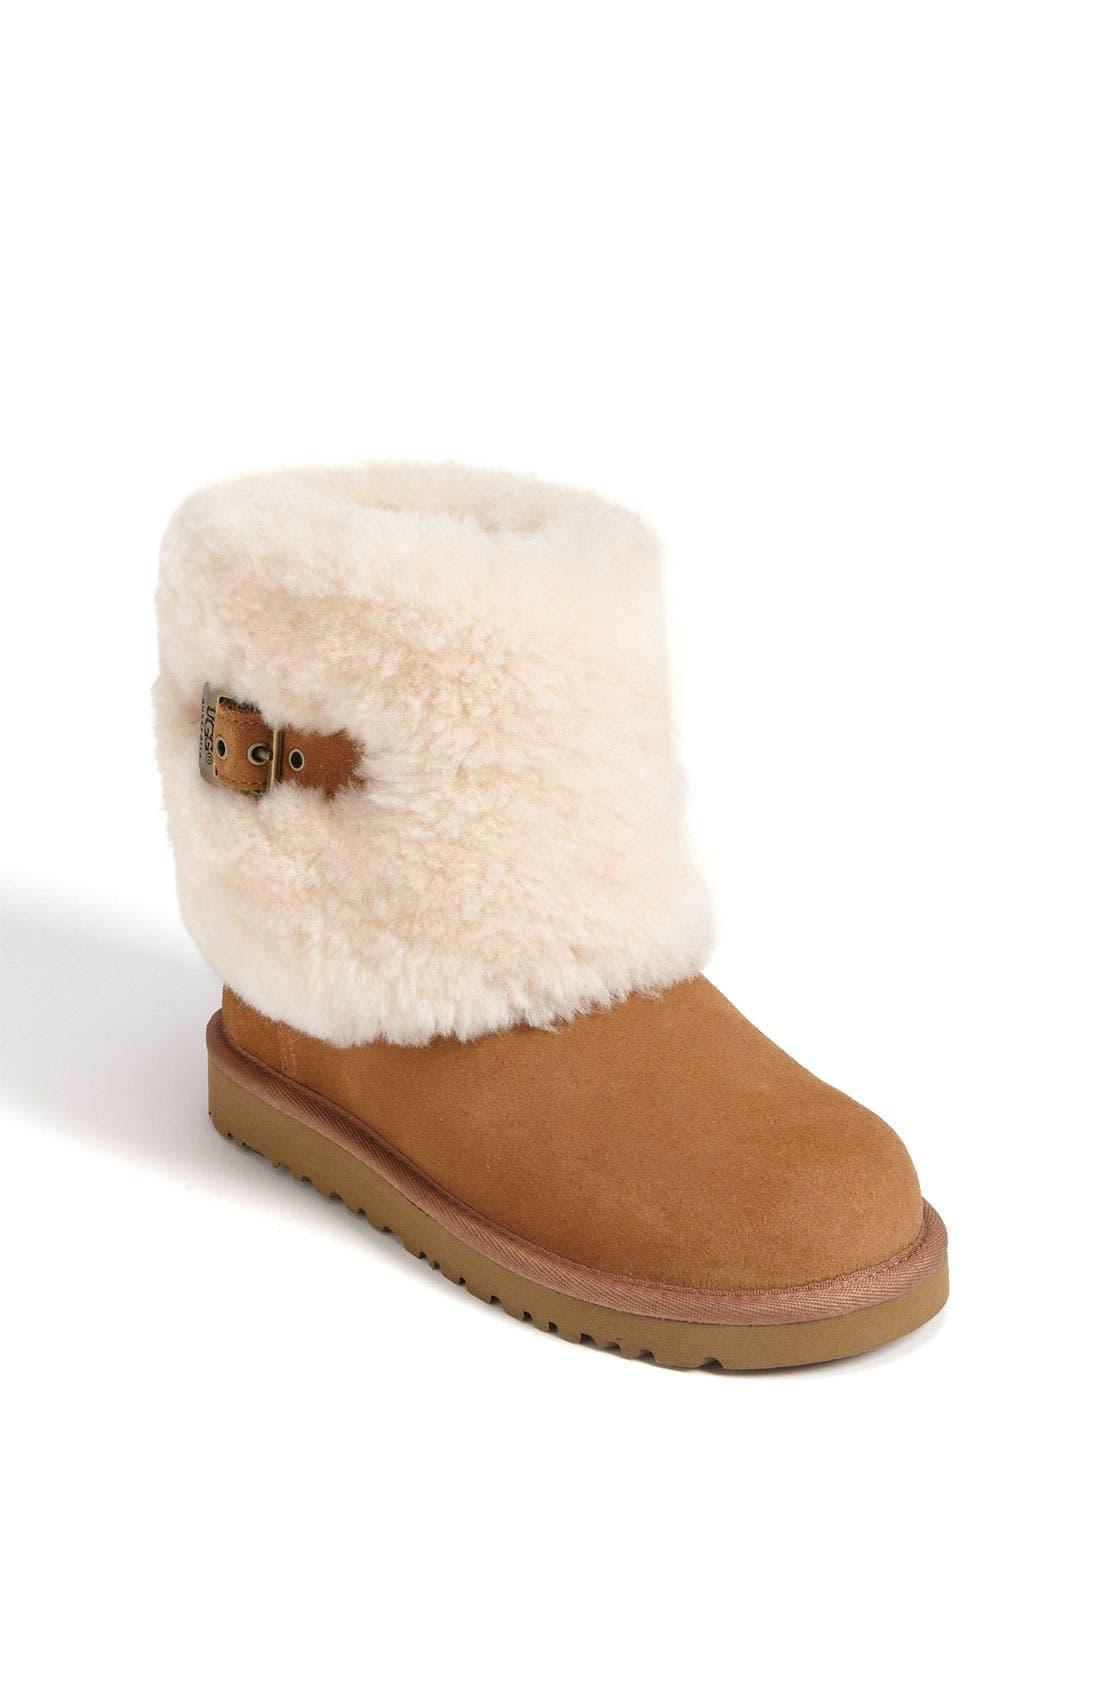 Alternate Image 1 Selected - UGG® 'Ellee' Boot (Toddler, Little Kid & Big Kid)